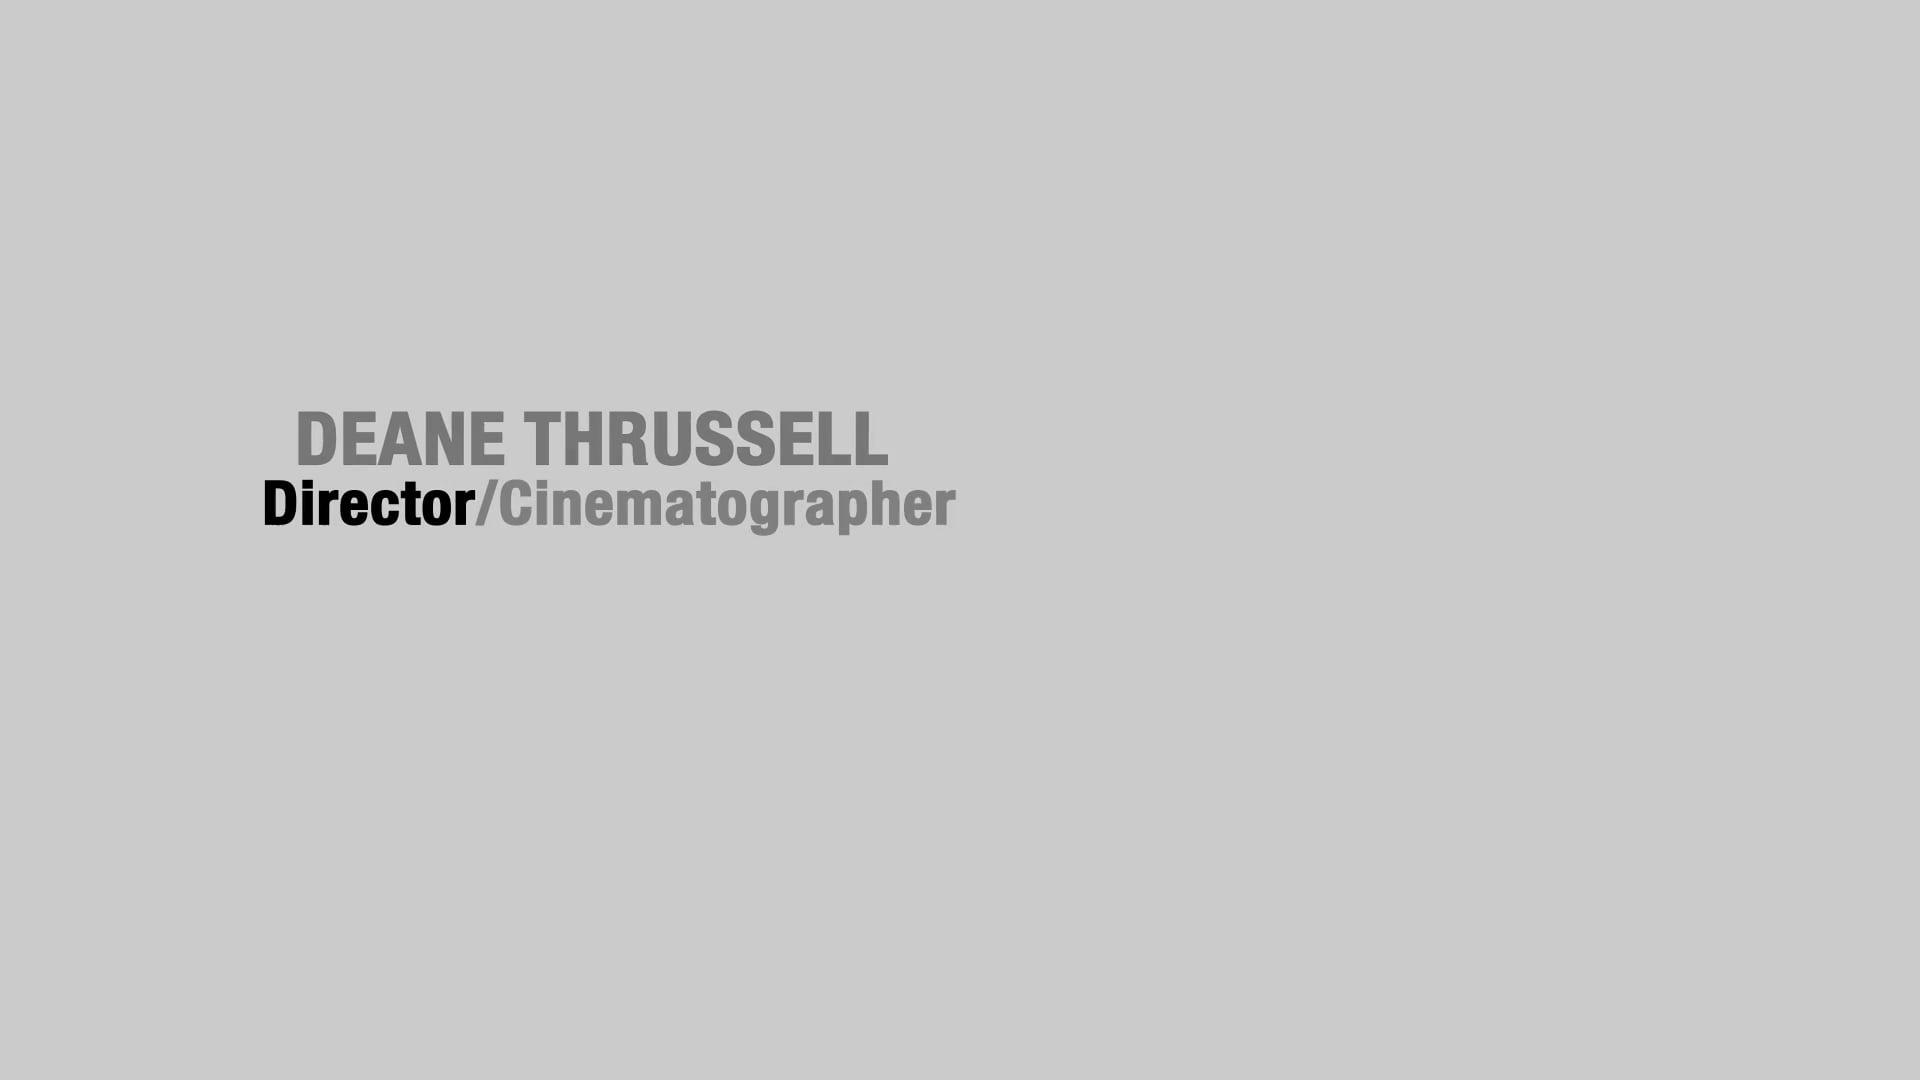 Deane Thrussell Showreel